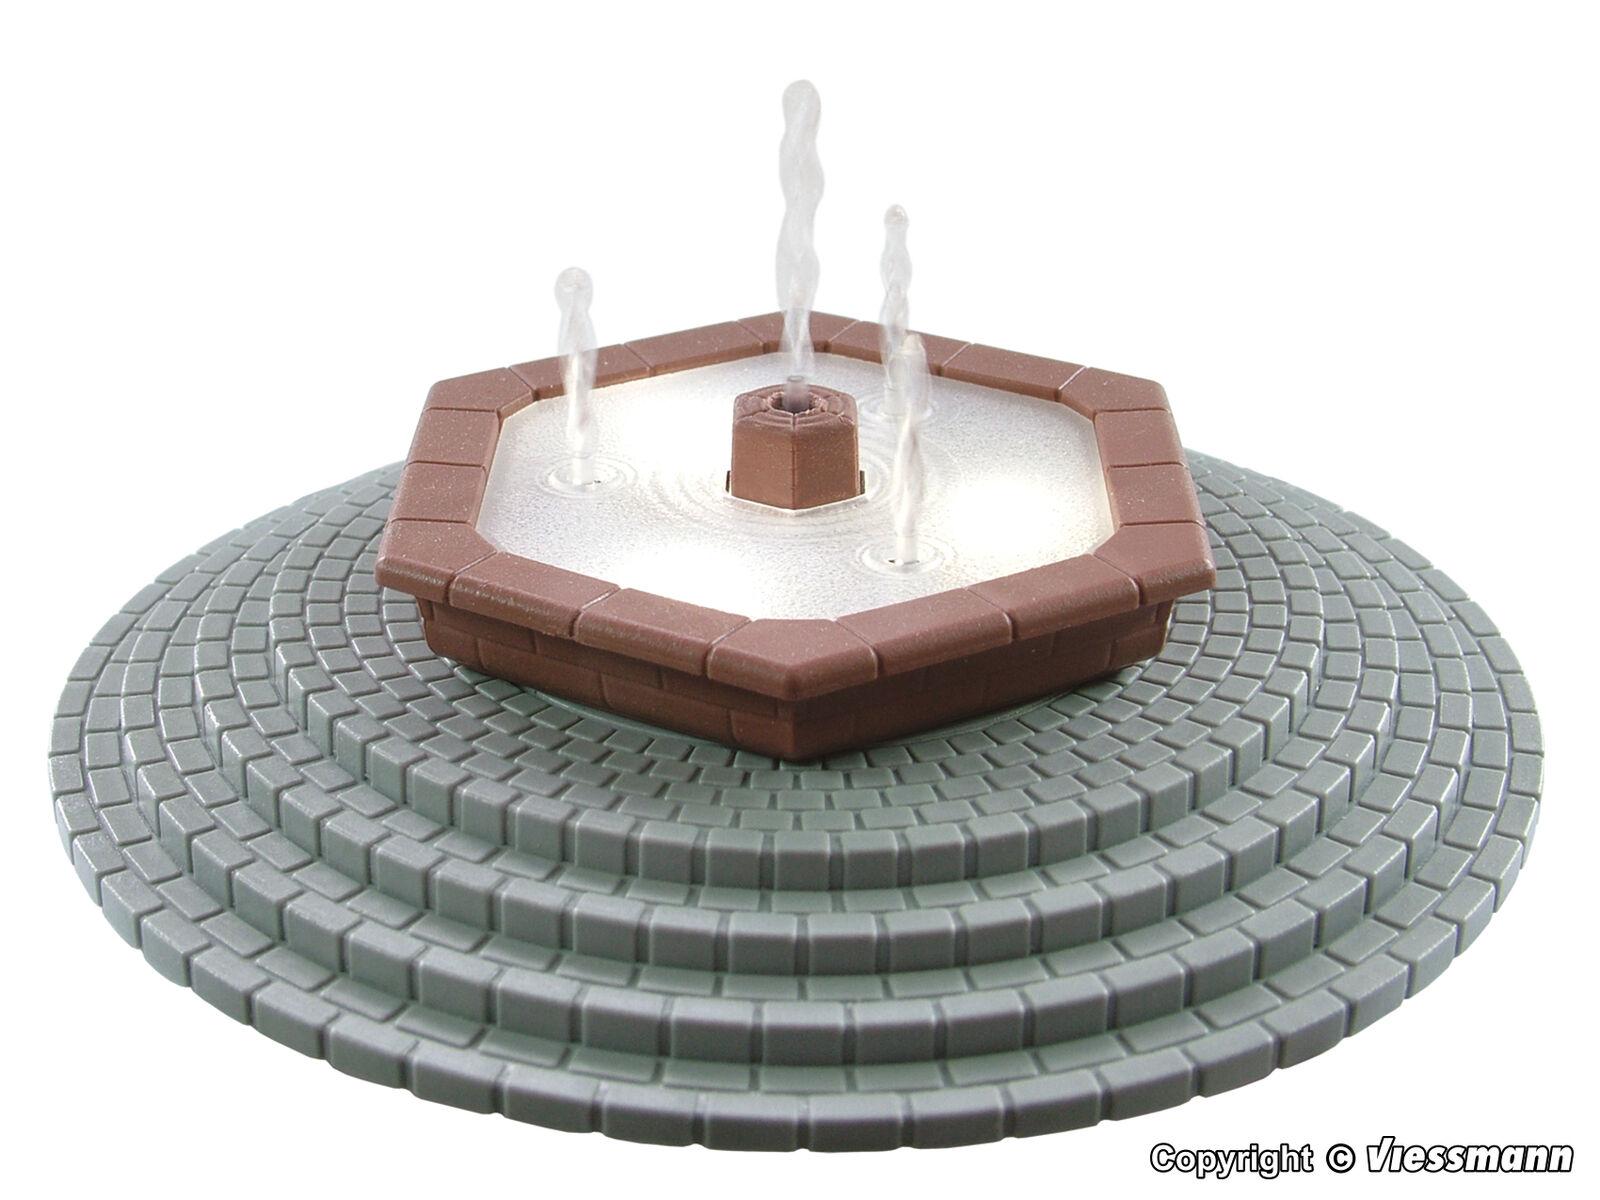 Viessmann h0 1316-mehrstrahliger ornamentali Fontana con LED, si sposta Nuova Merce Nuova sposta 845fb2